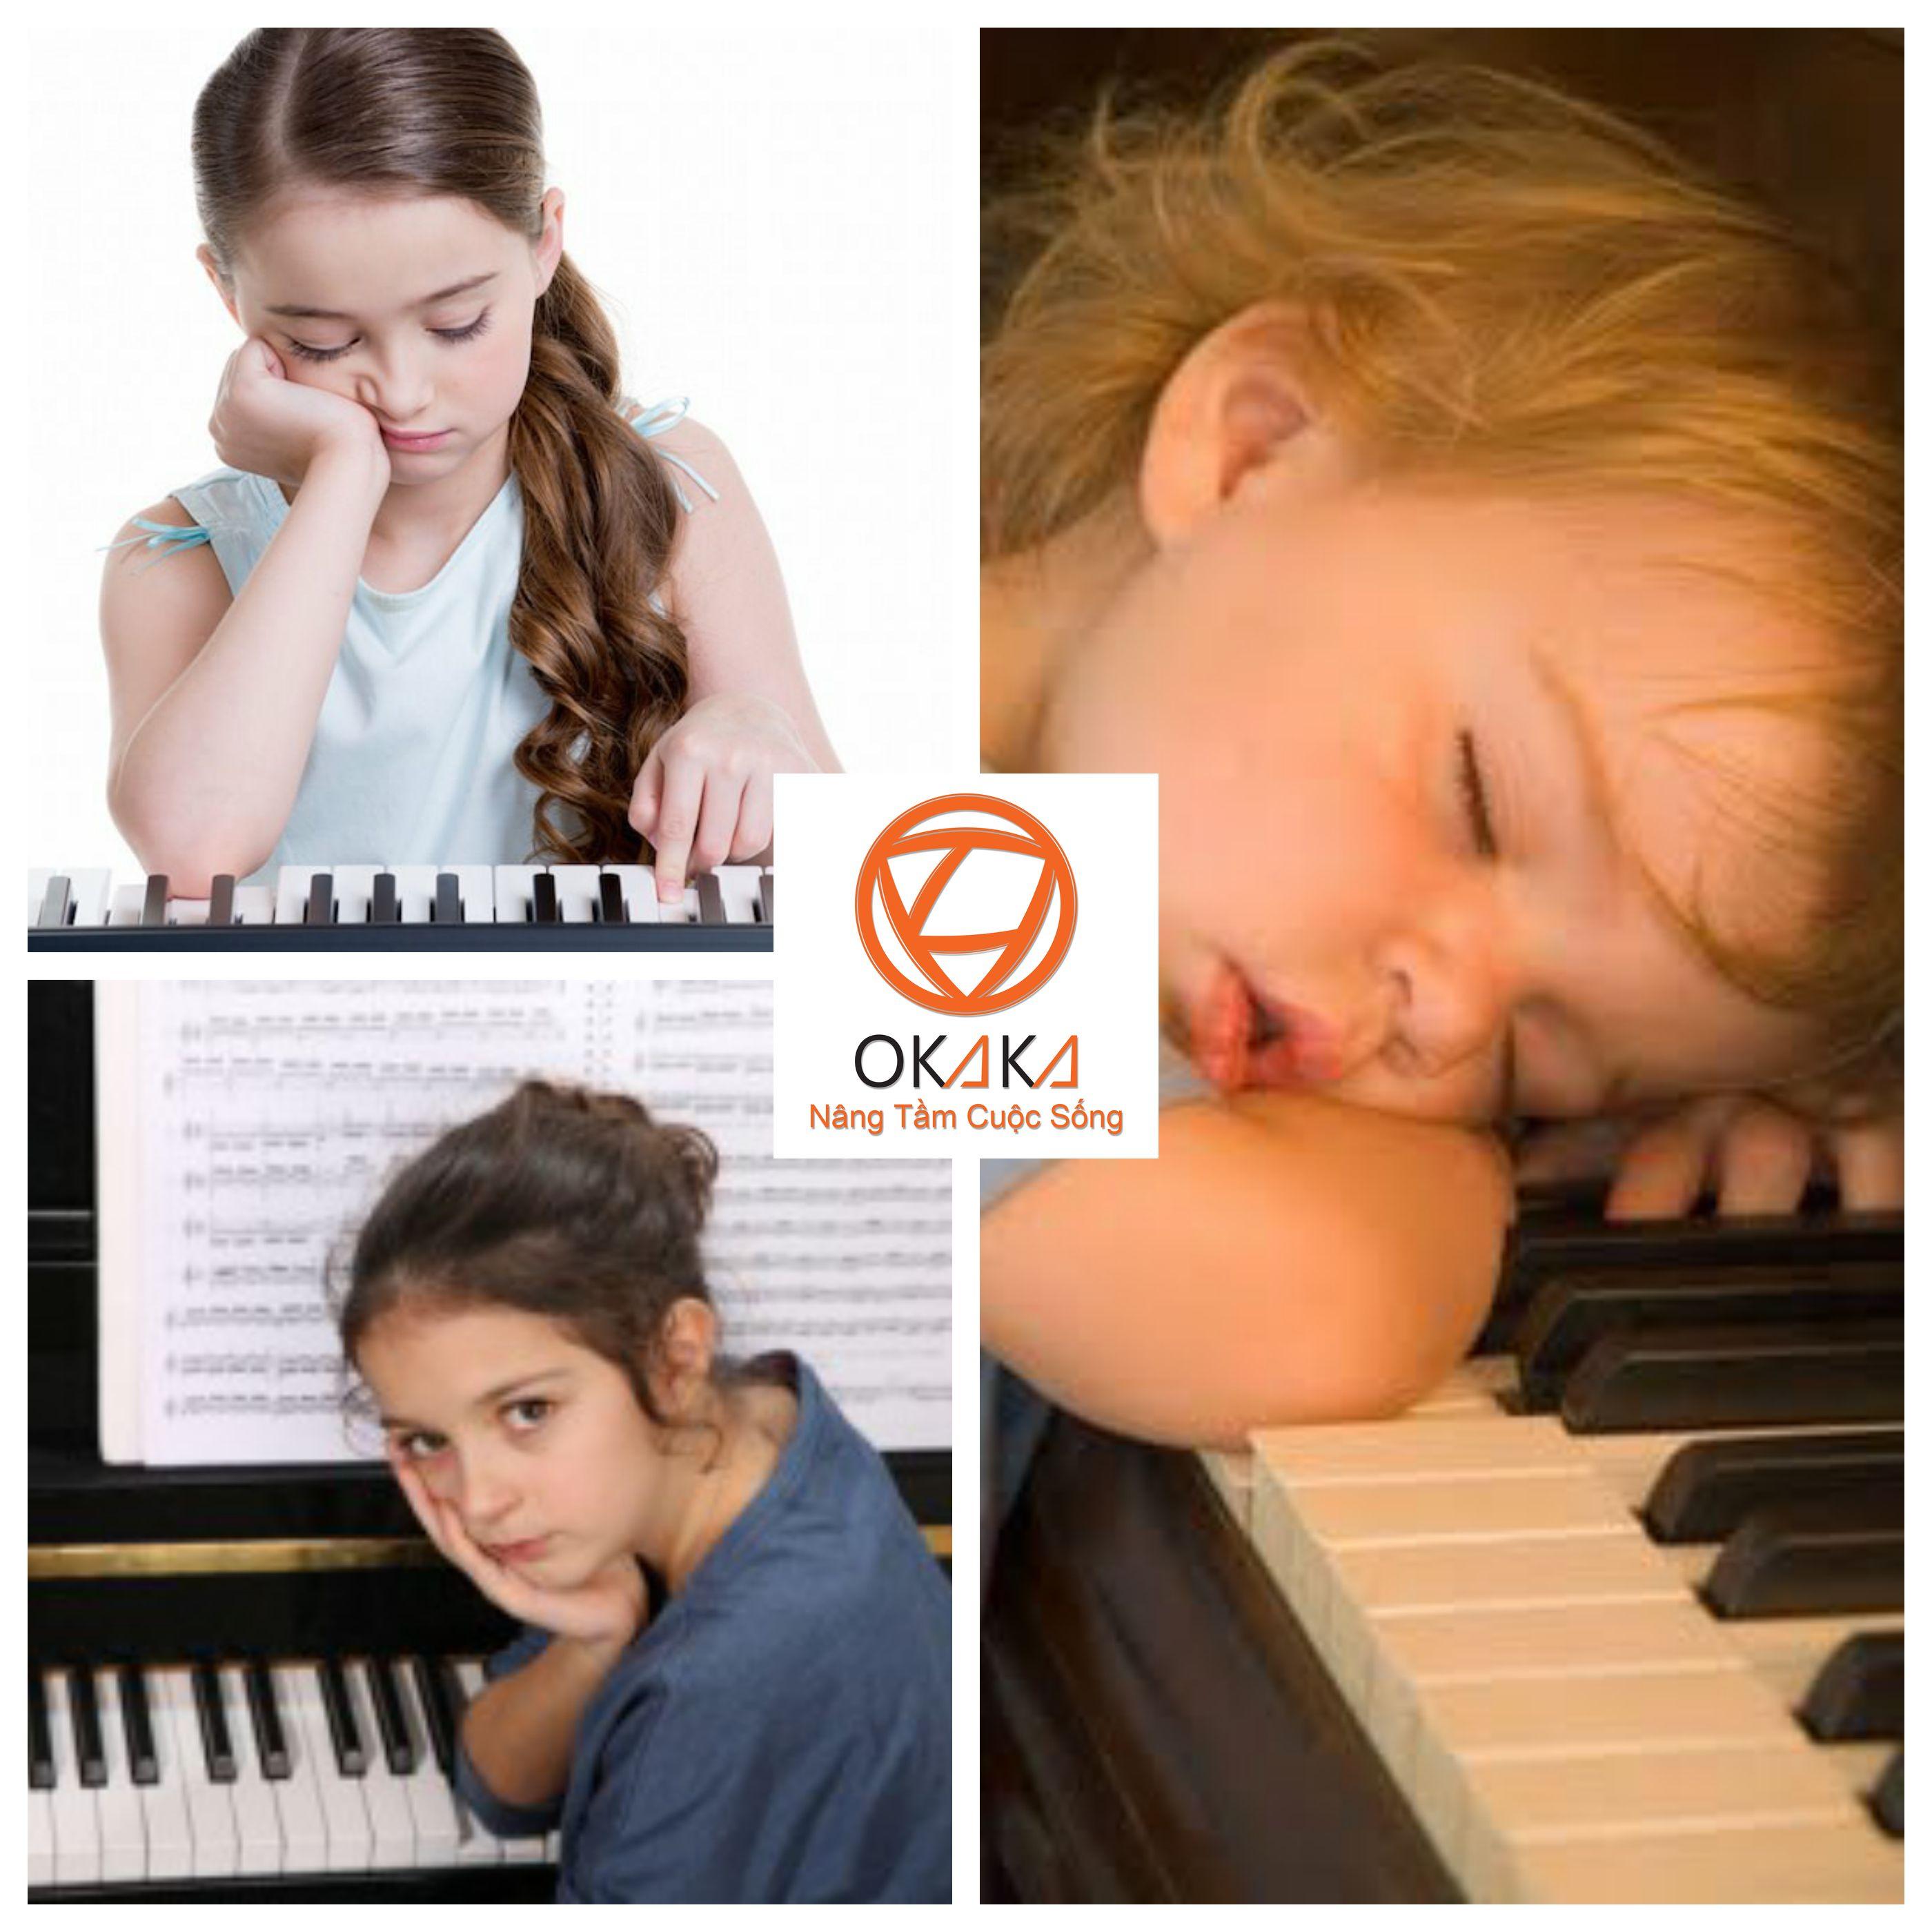 Con không muốn tập đàn, Các bài học nhạc thật là nhàm chán, Tại sao con phải học đàn cơ chứ? Điệp khúc này nghe có vẻ quen thuộc với bạn và bạn không muốn tình trạng này tiếp diễn thêm nữa? Sau đây là một số cách bạn có thể áp dụng để khích lệ trẻ học đàn một cách vui vẻ.